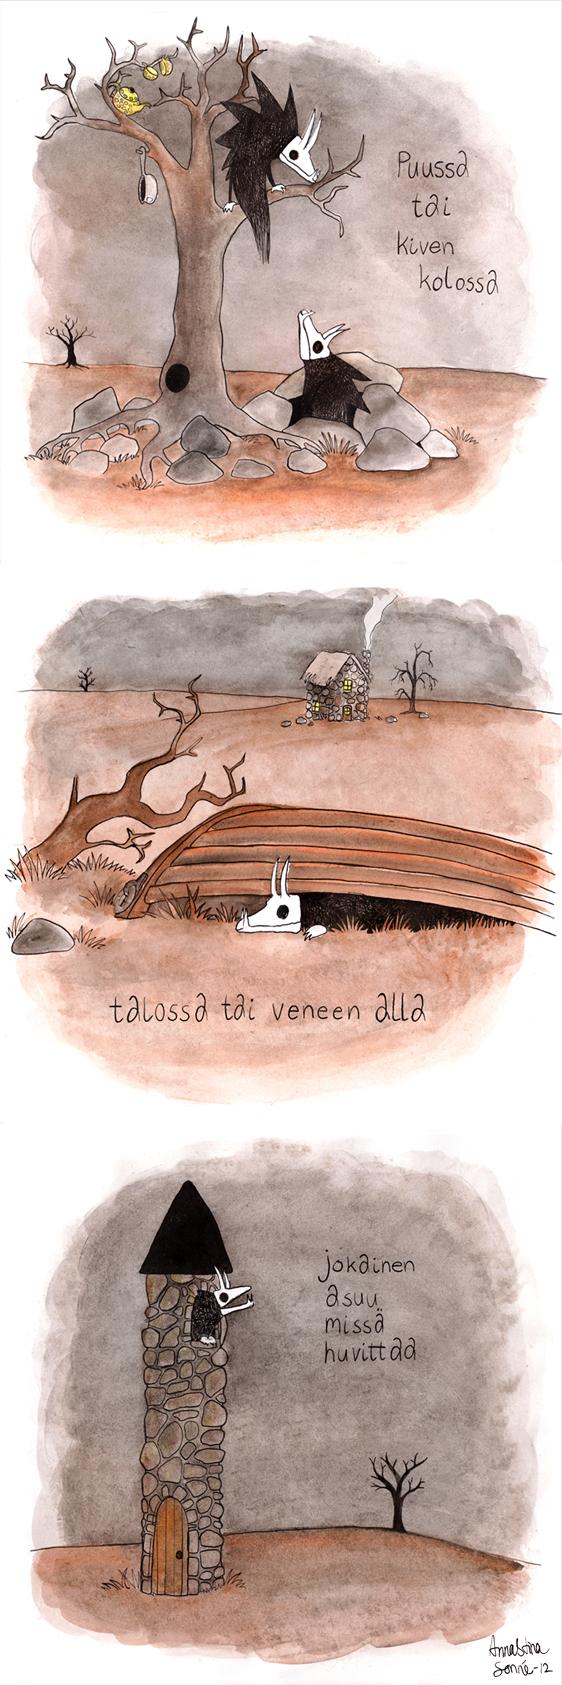 Luunaamat - Koti by Aneesan